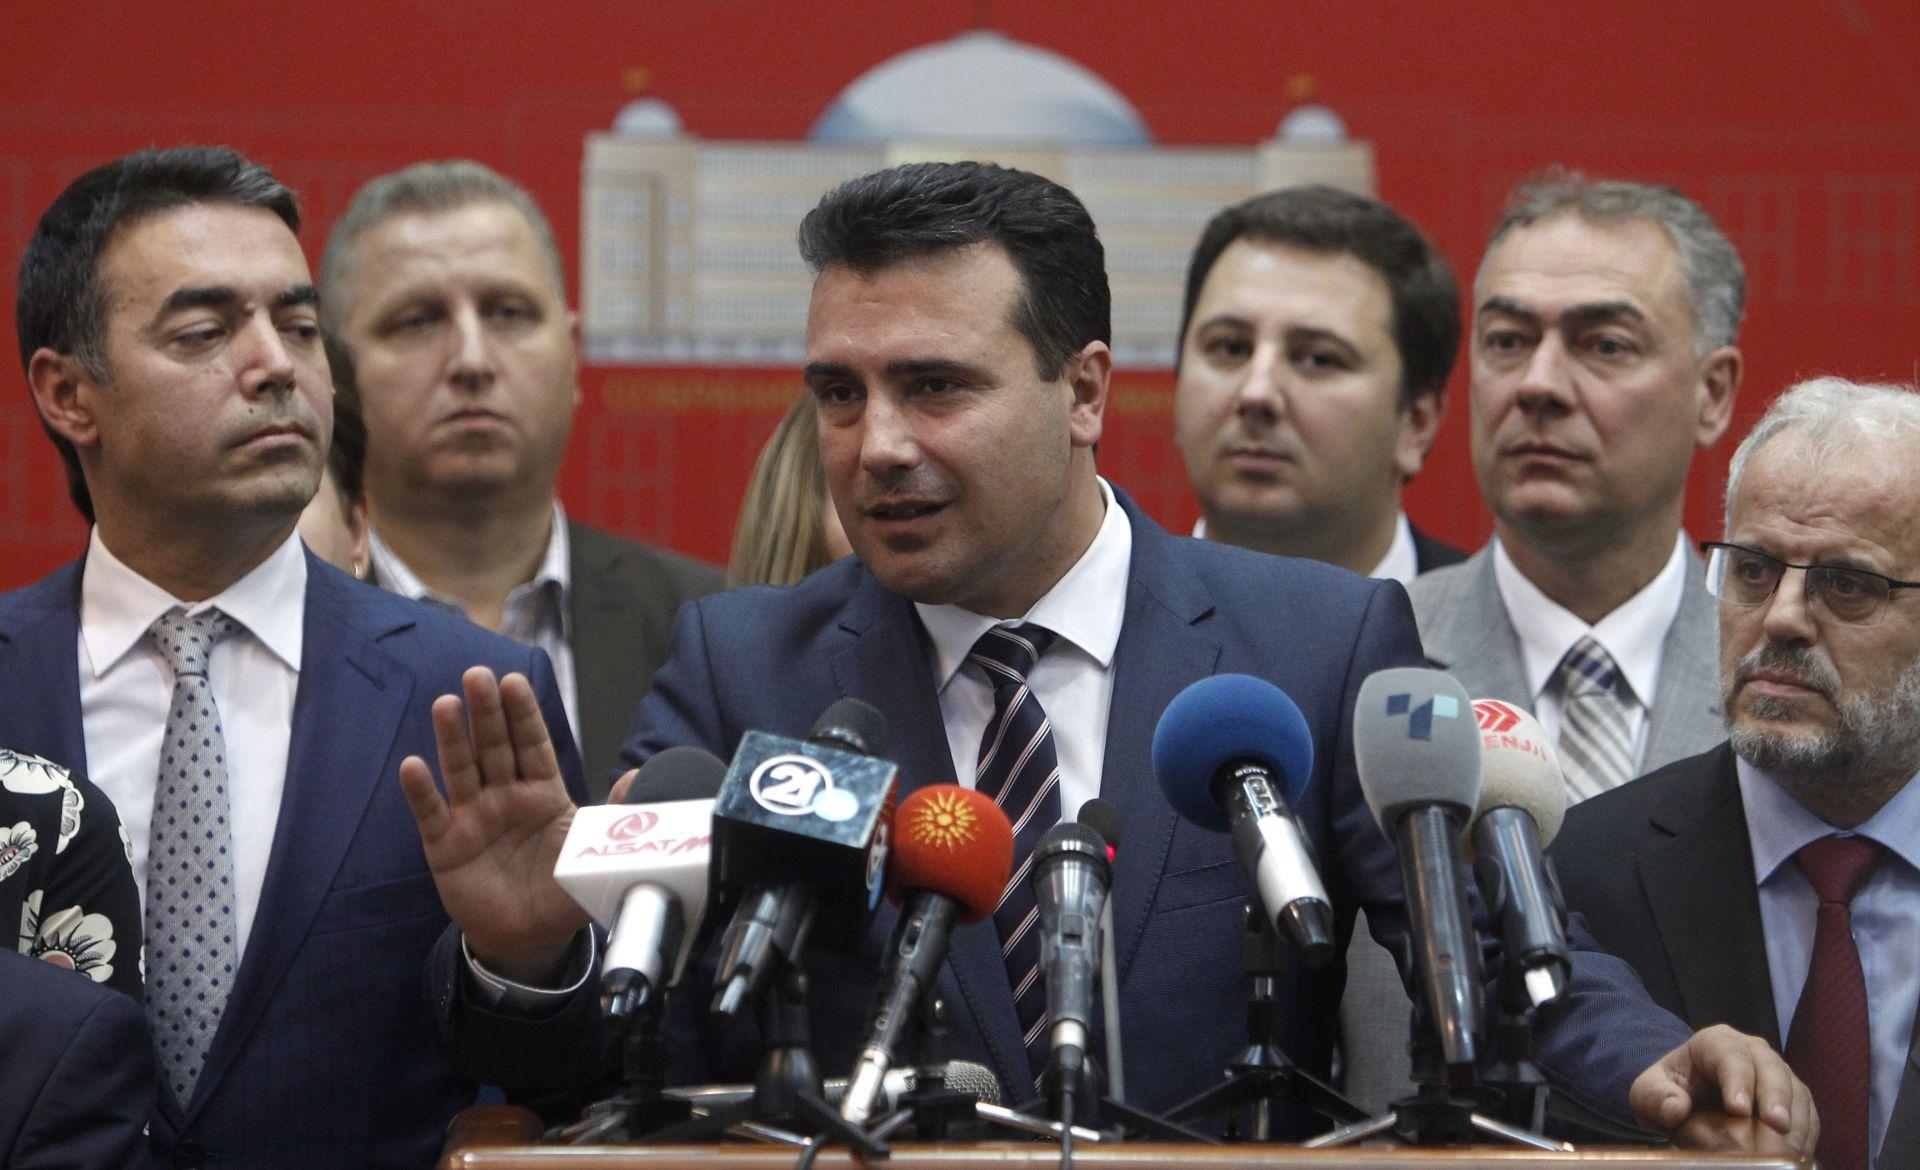 Със силната подкрепа на западните лидери, Заев води кампания за преименуване на бившата югославска република